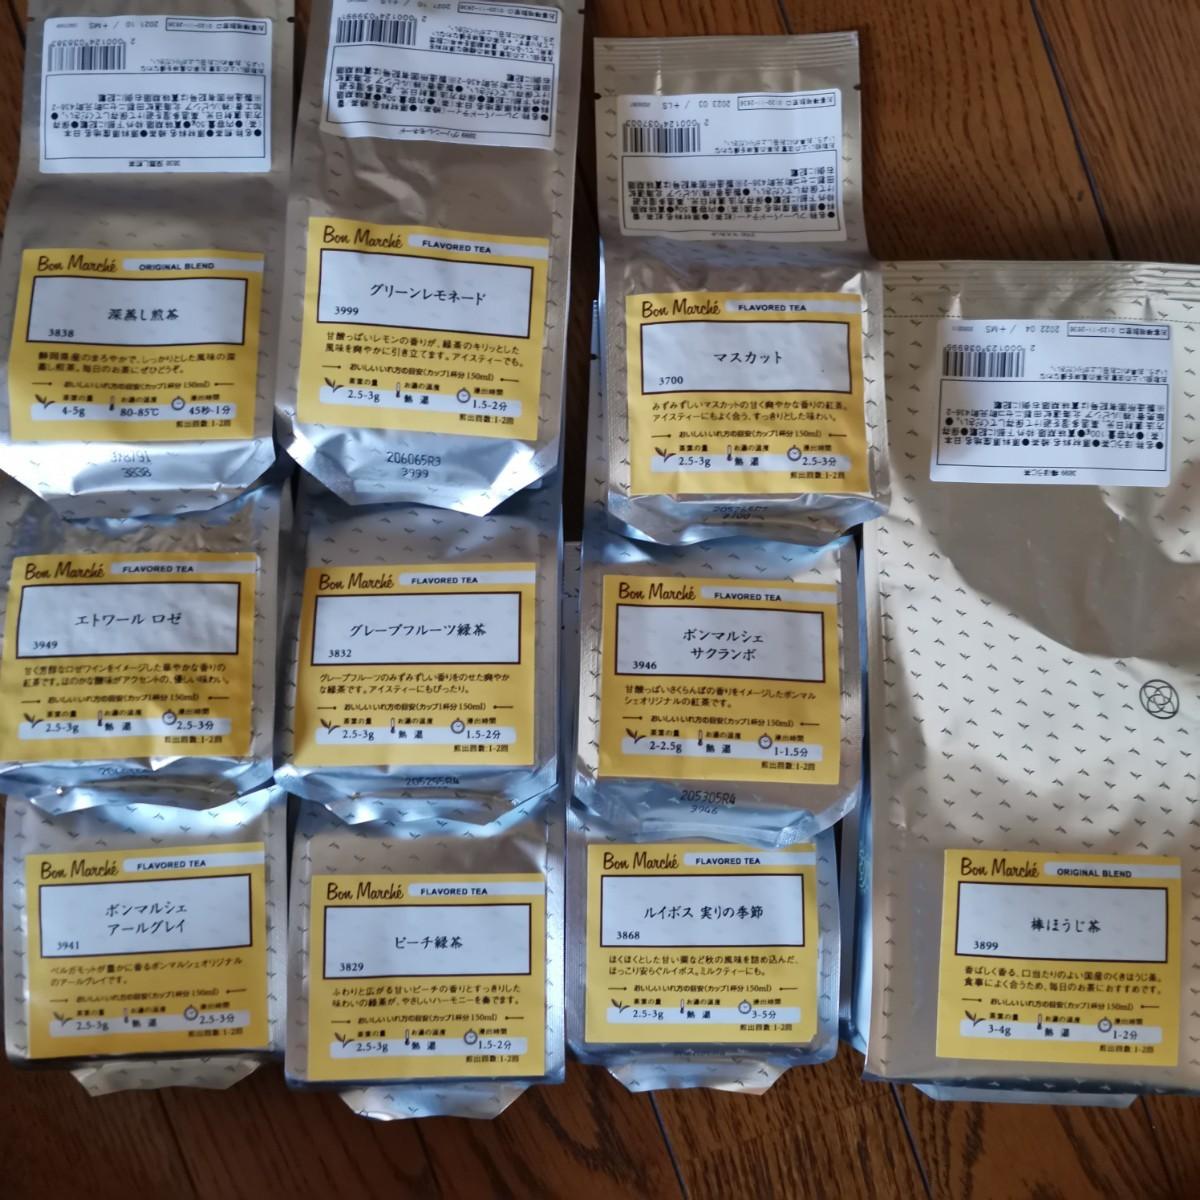 【送料無料】ルピシア 紅茶 フレーバーティー LUPICIA リーフ デザートティー フルーツティー 美味しお茶 宅急便送料無料